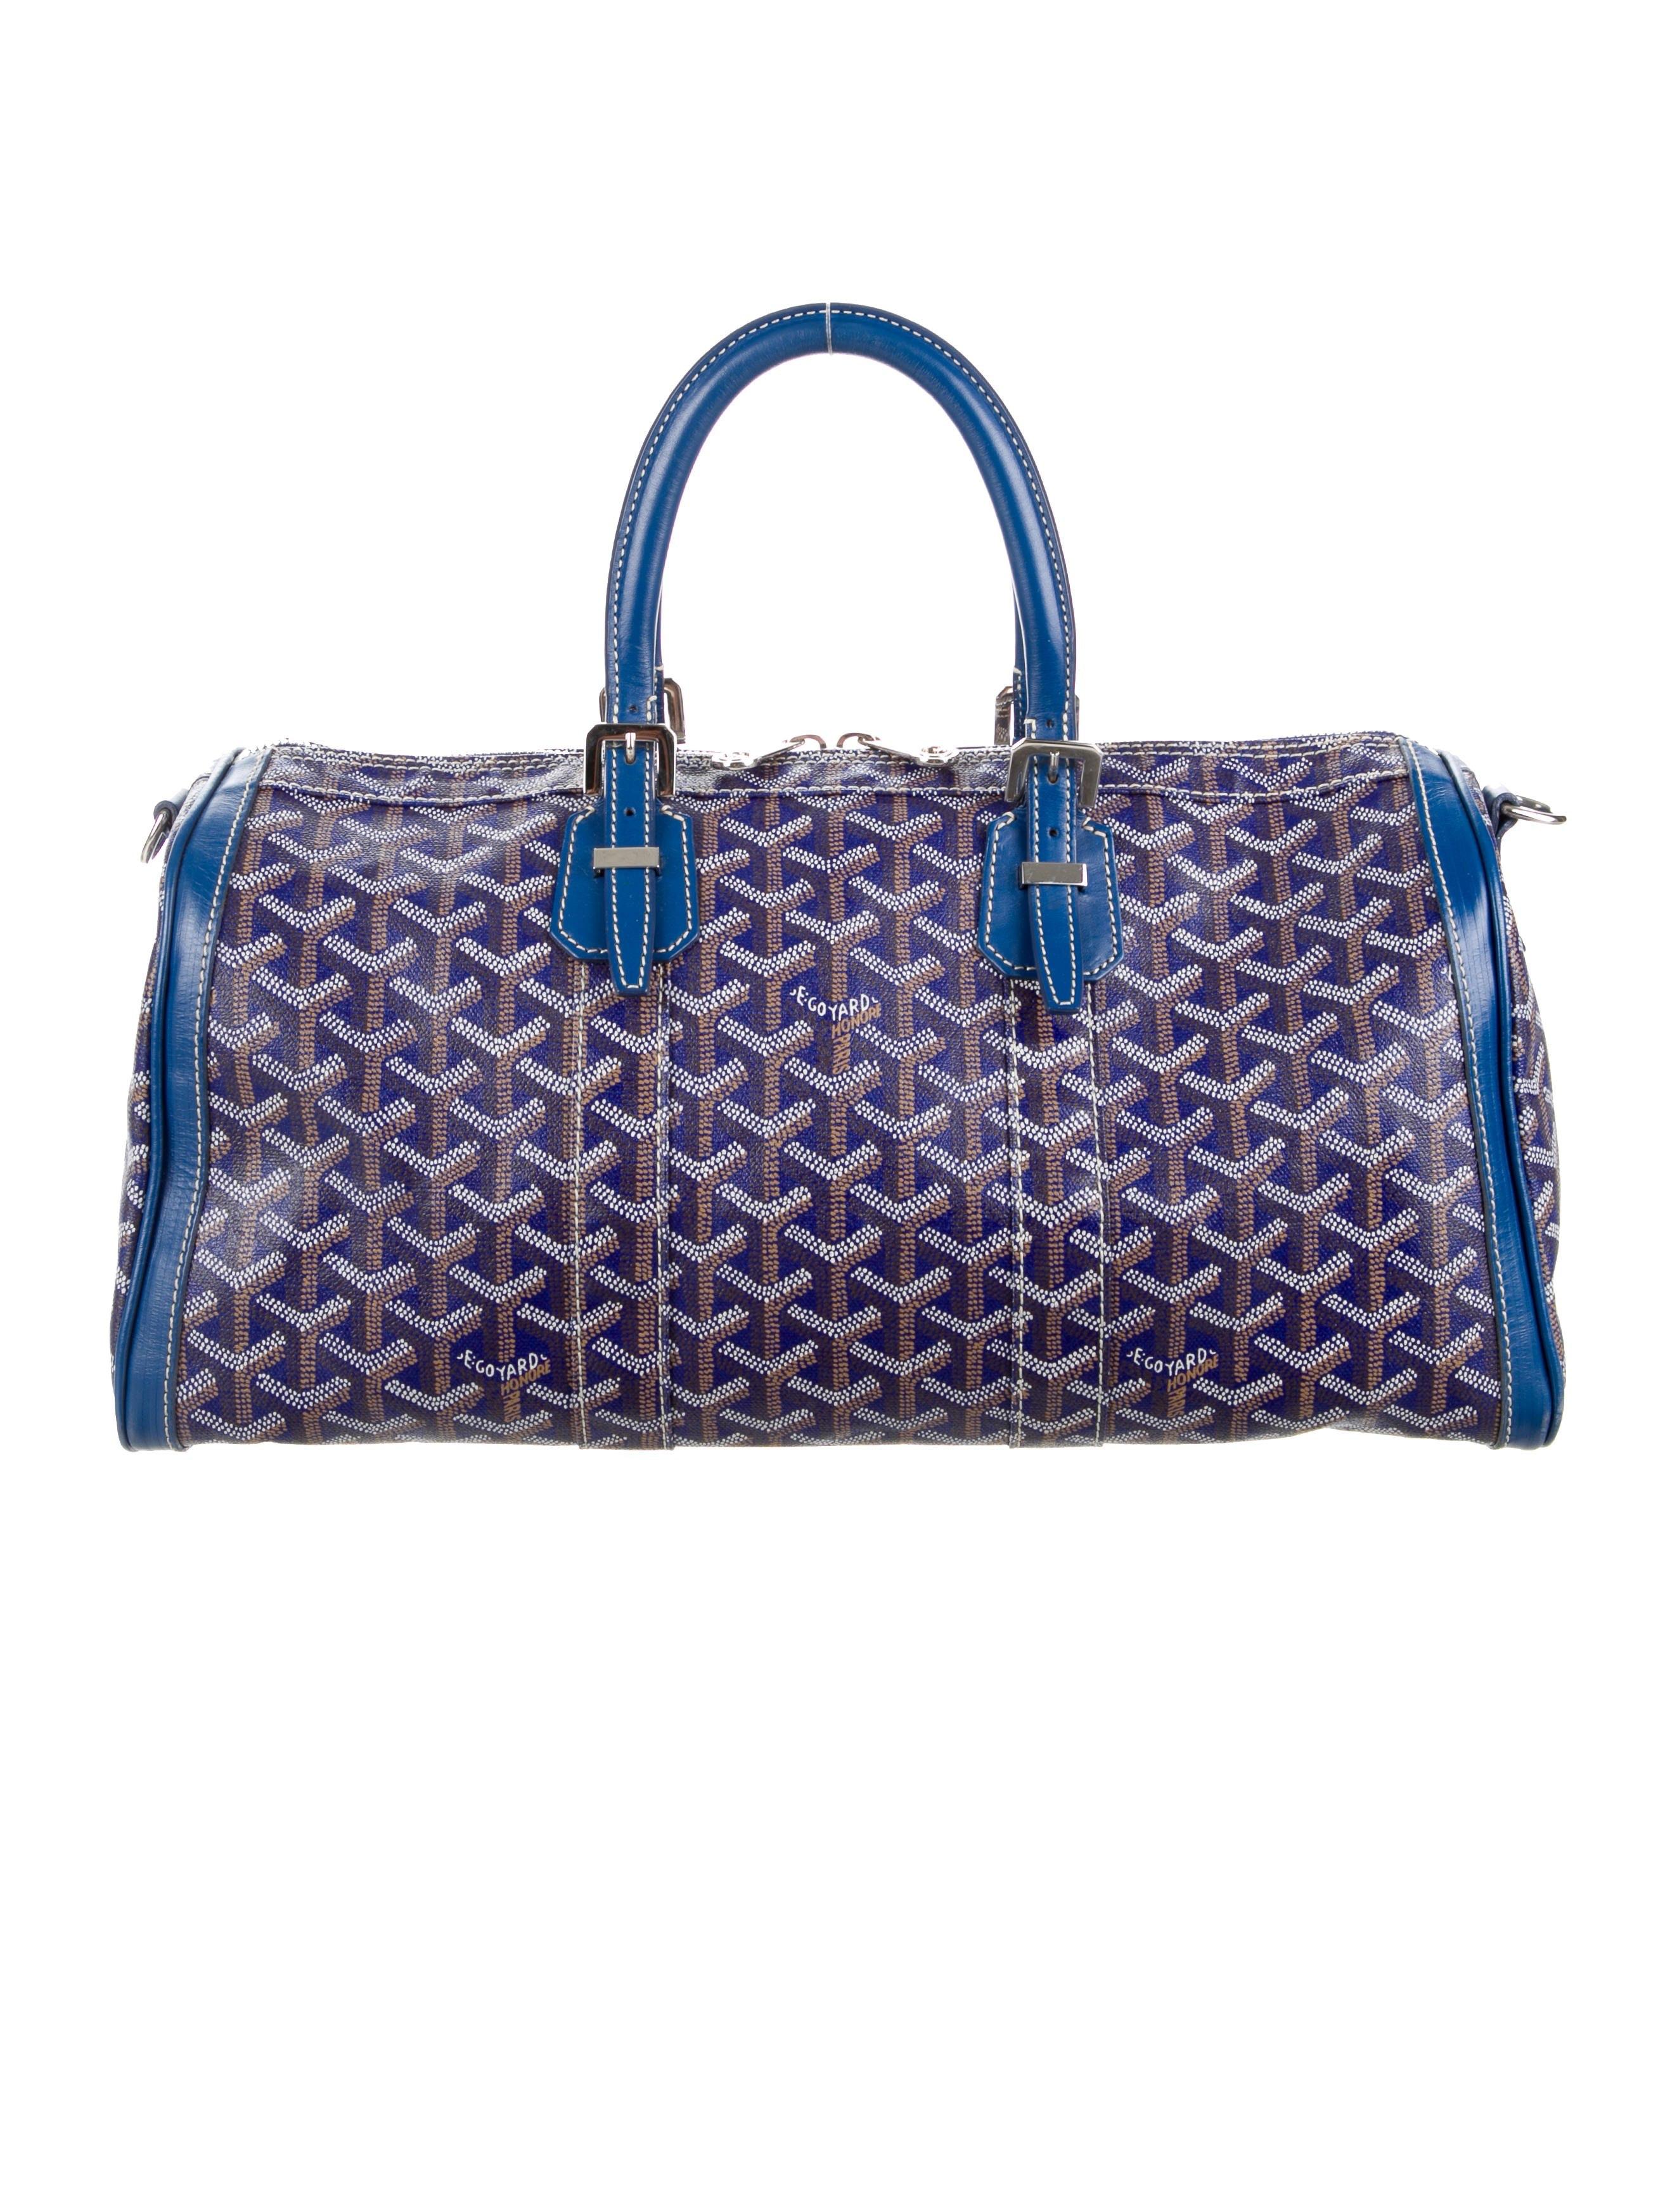 Goyard Croisiere Handbag Monogram Chevron Multicolor 40Blue